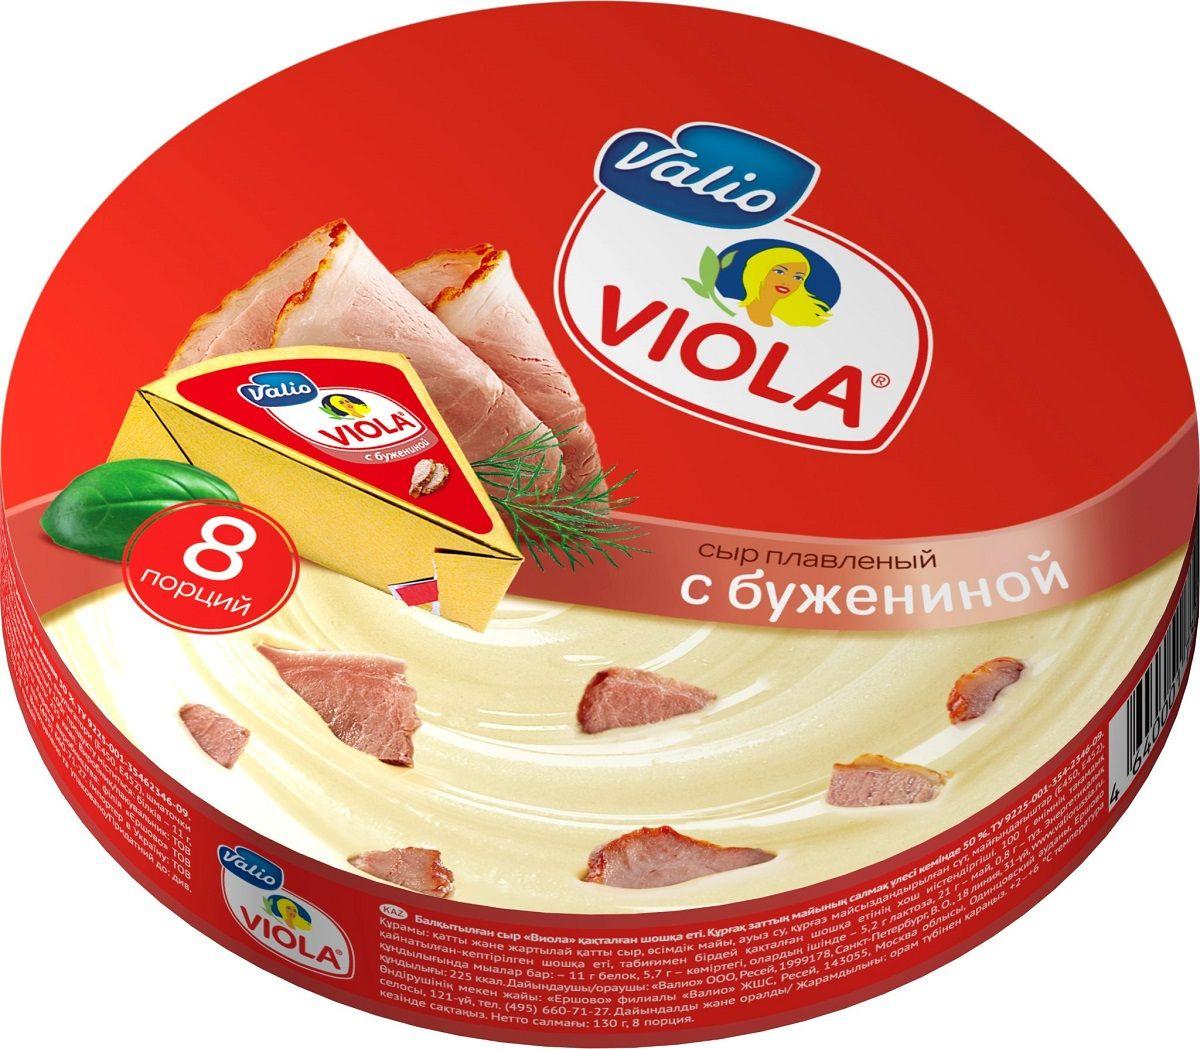 Valio Viola Сыр с бужениной, плавленый, 130 г valio сыр тильзит 45